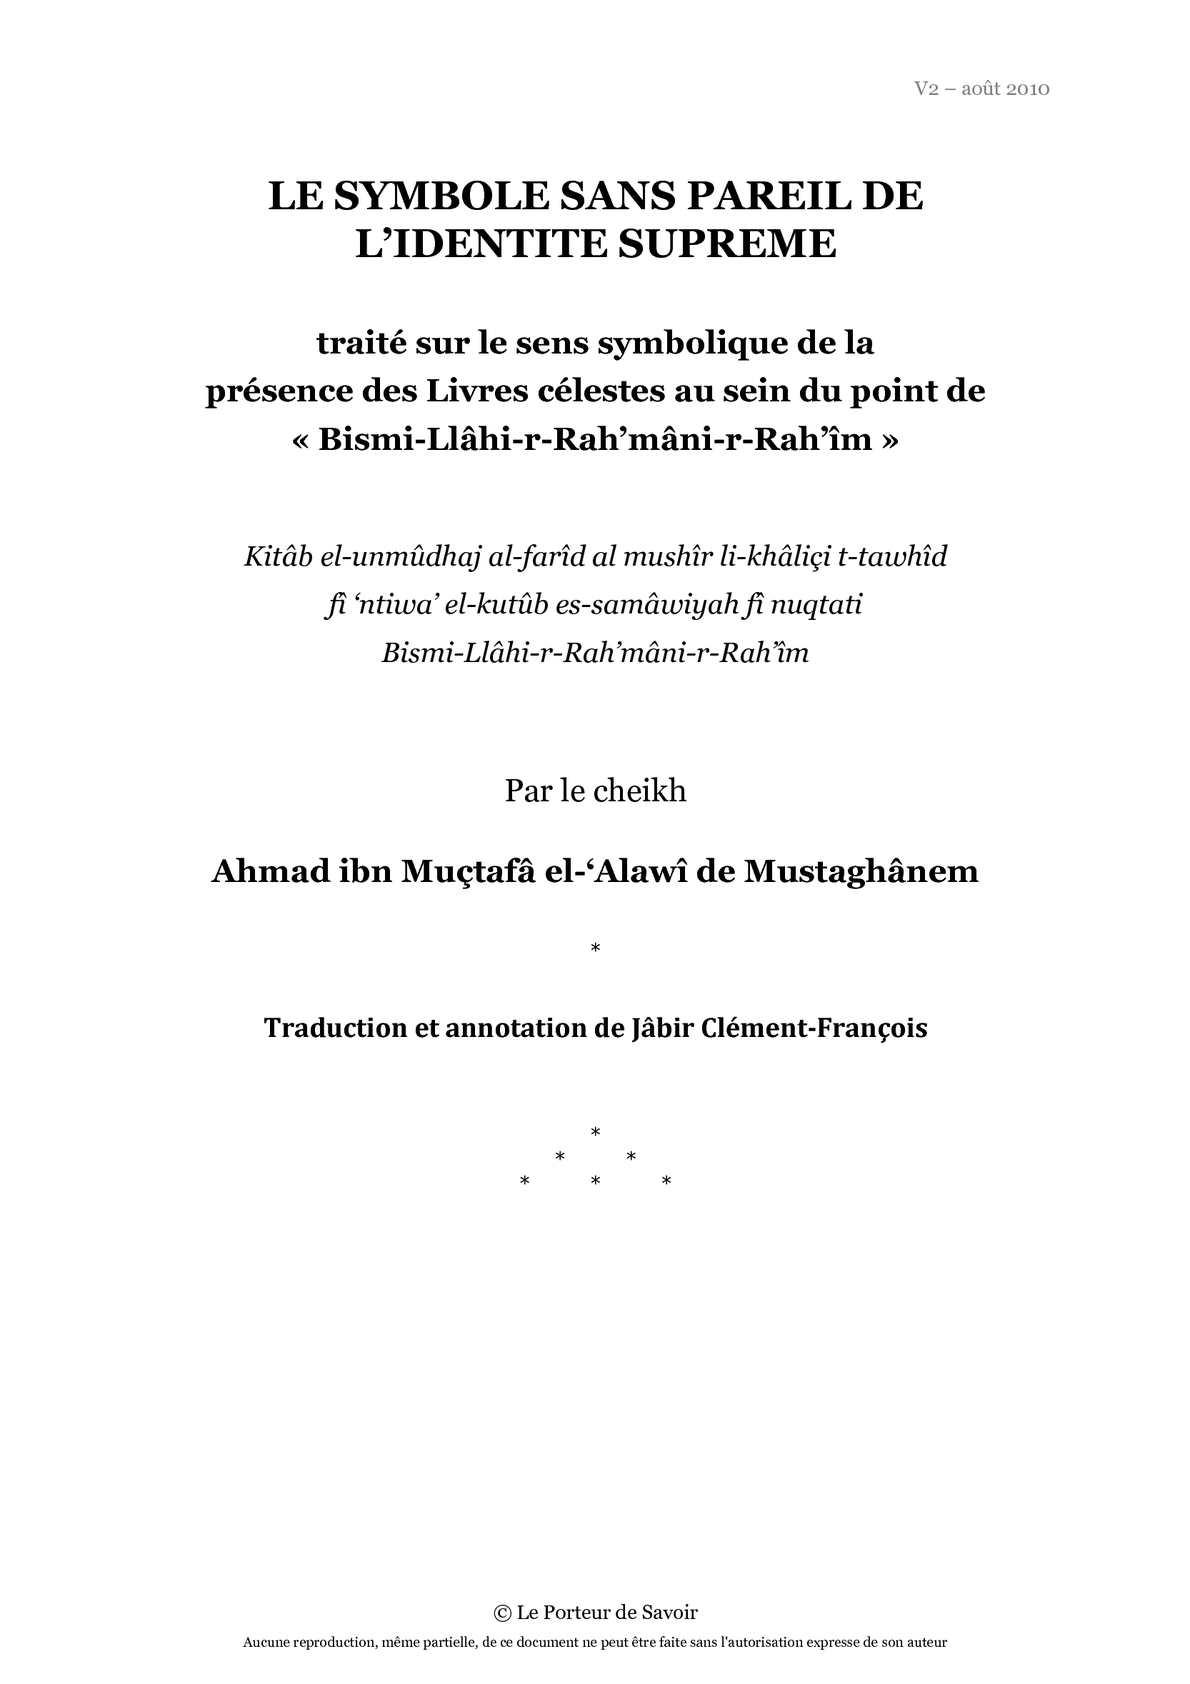 Le Symbole Sans Pareil de L'Identité Suprême - Sheikh Al-'Alawiy